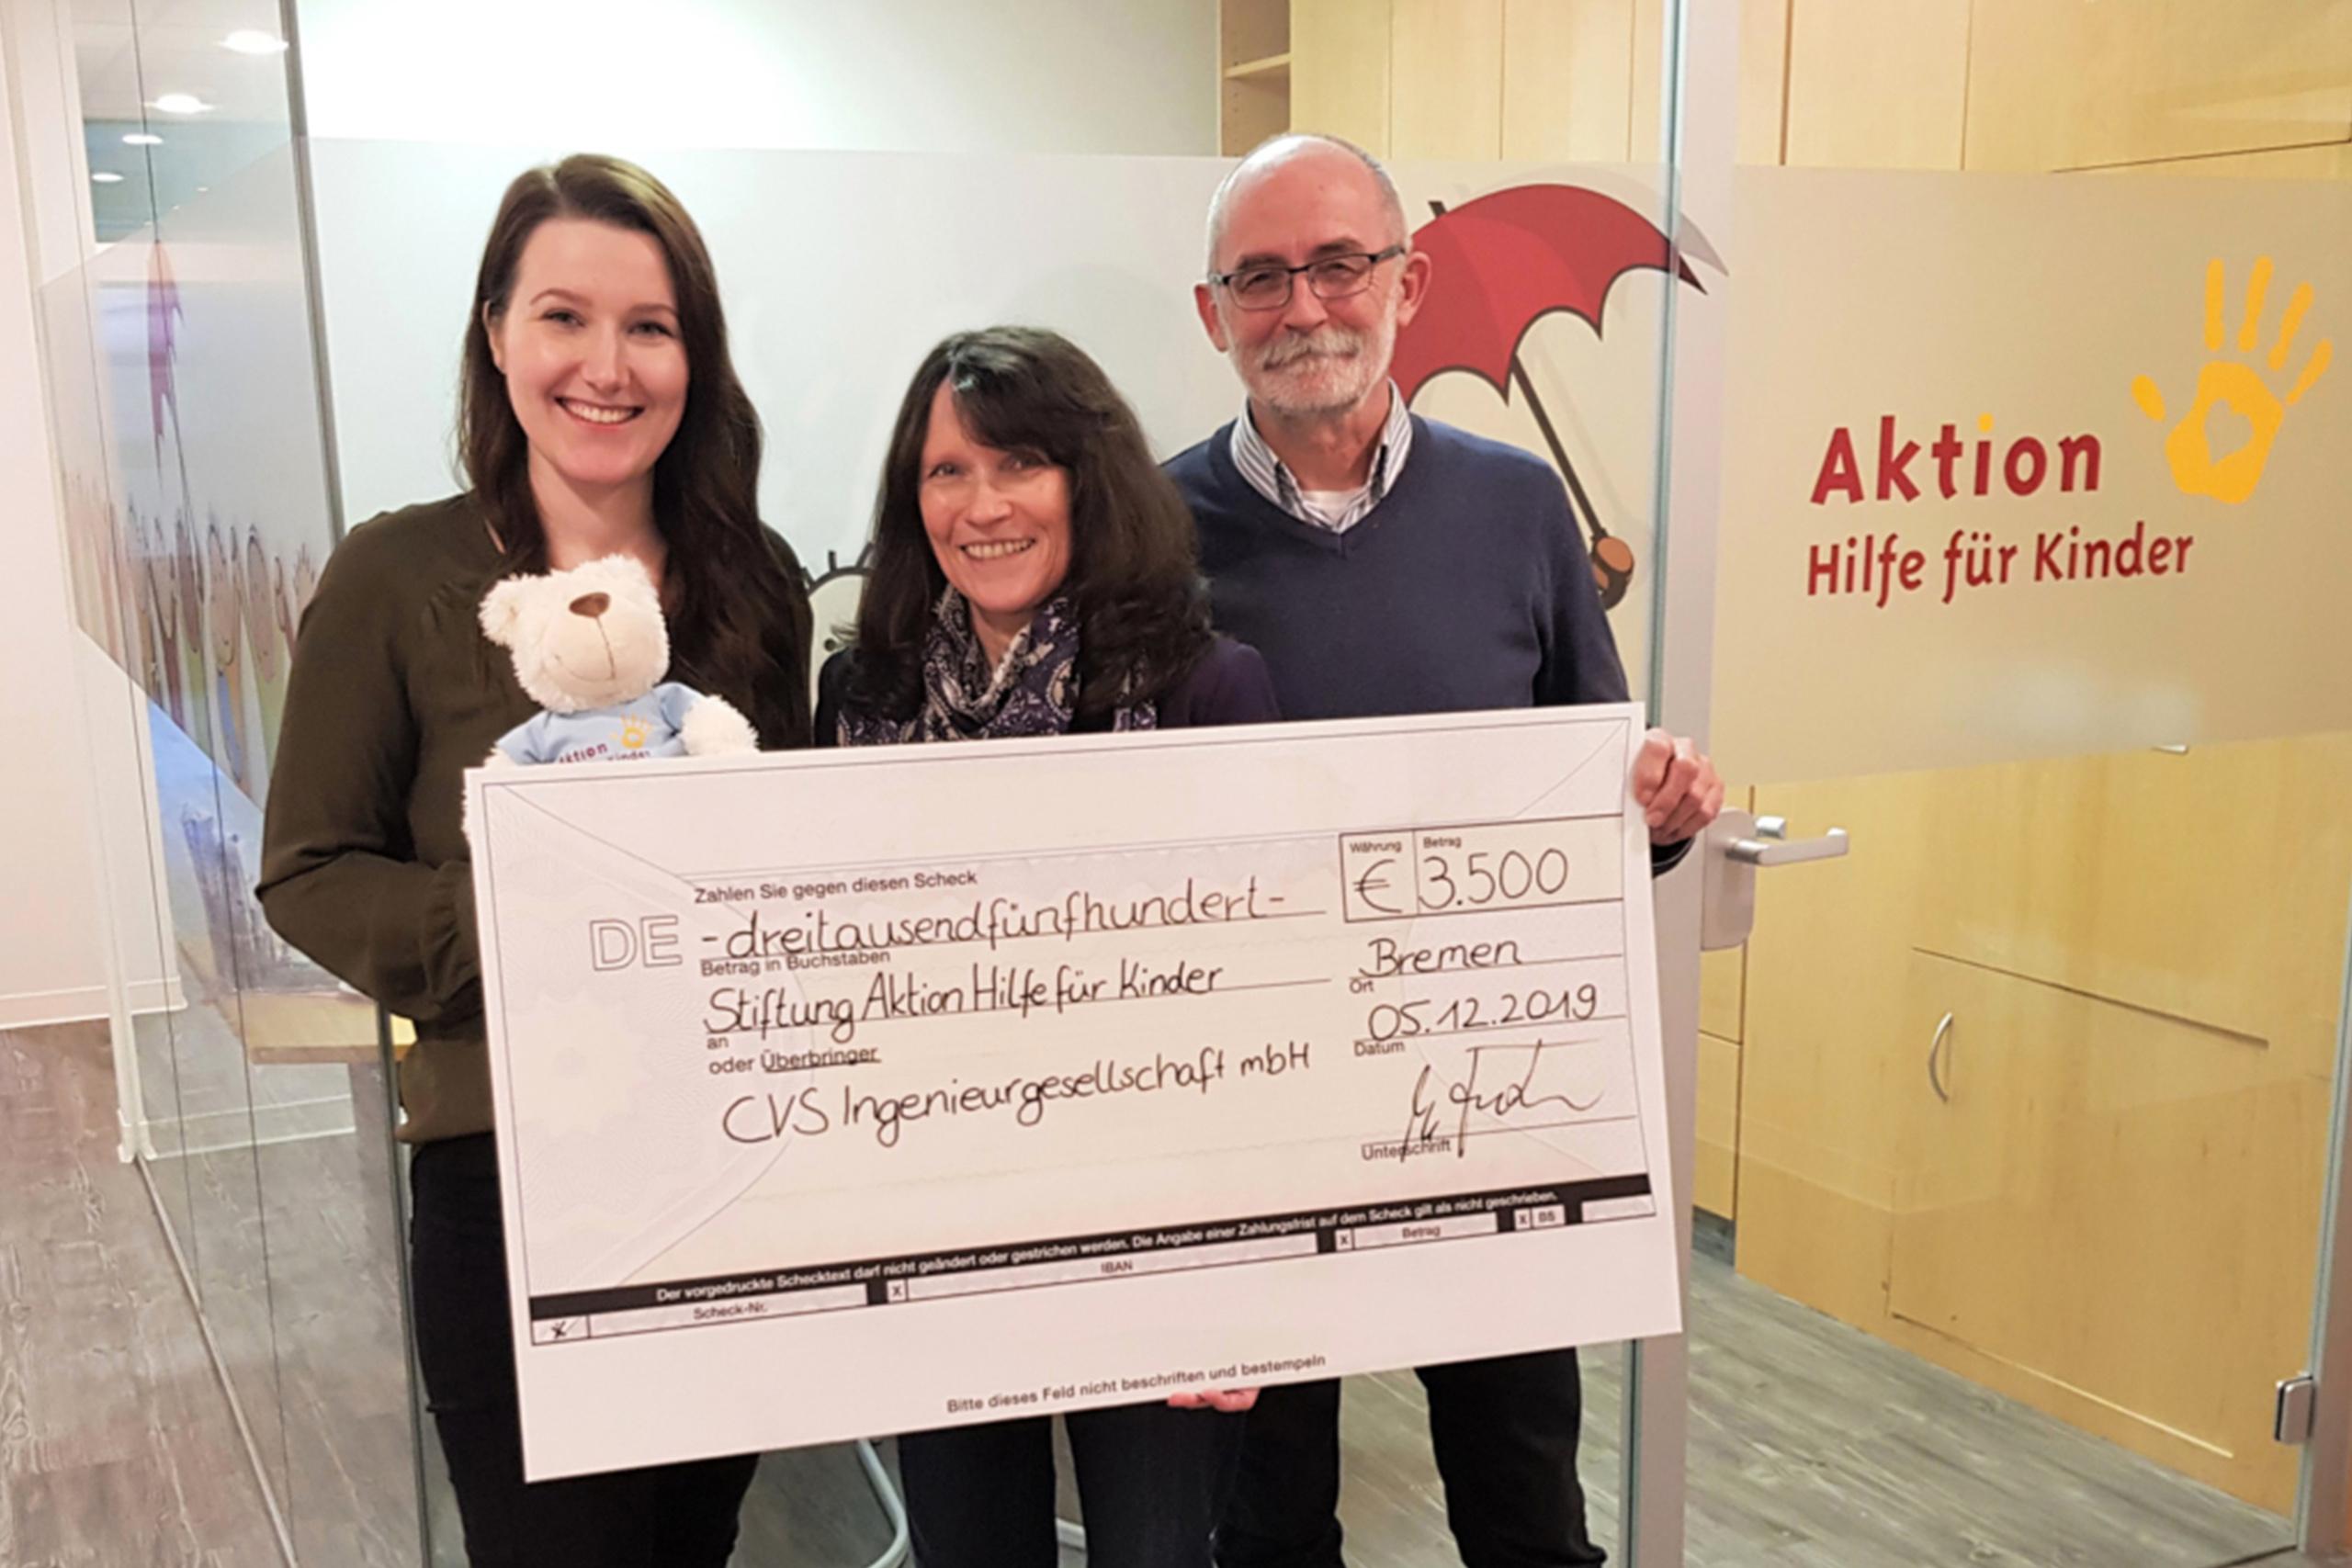 Spendenübergabe 2019 CVS Bremen bei Aktion Hilfe für Kinder